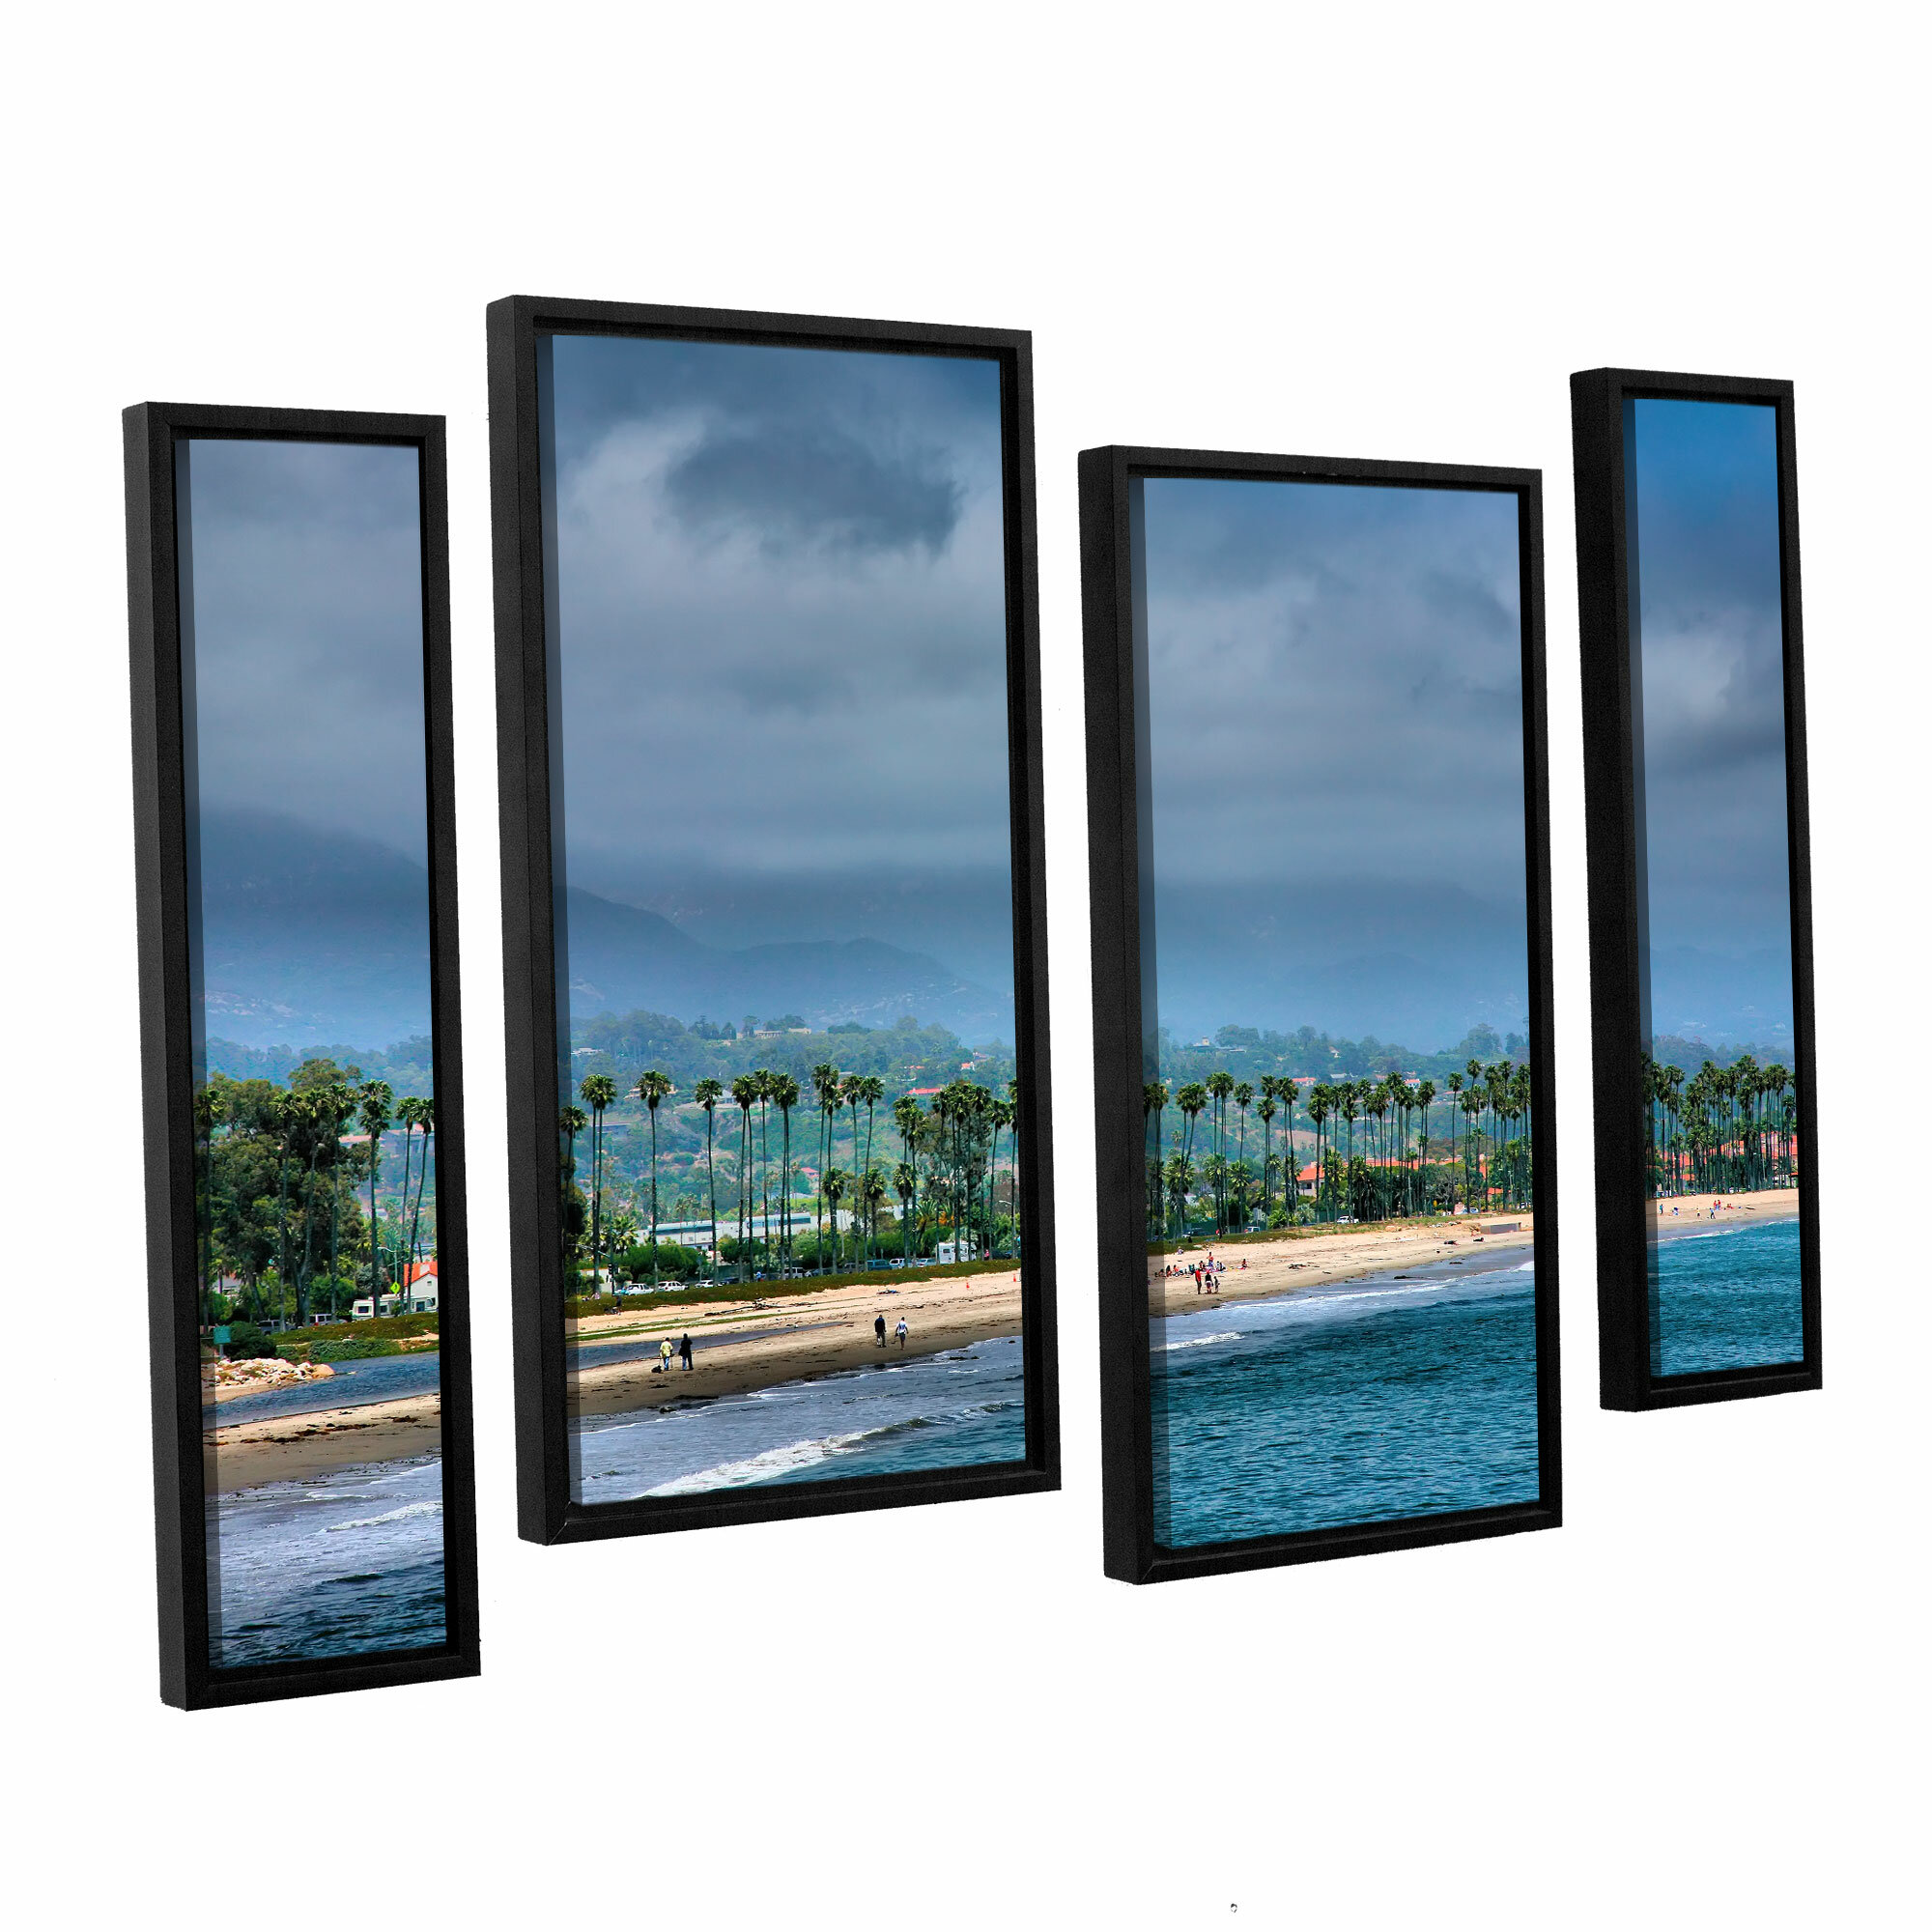 Artwall The Beach At Santa Barbara By Steve Ainsworth 4 Piece Framed Photographic Print On Canvas Set Wayfair